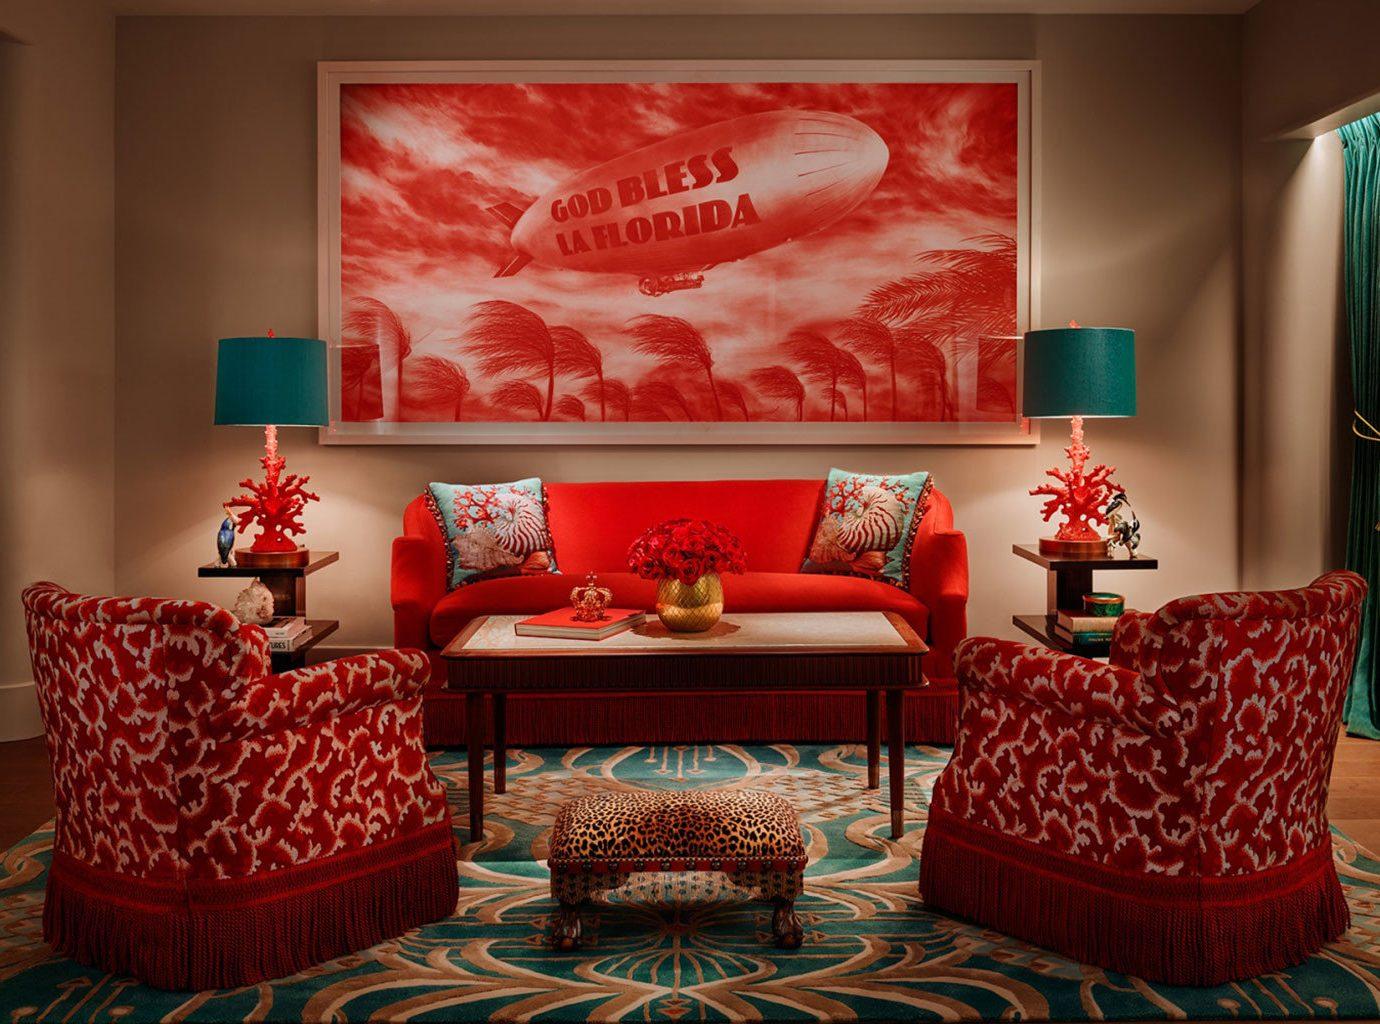 Ritz-Carlton Bal Harbour, Miami